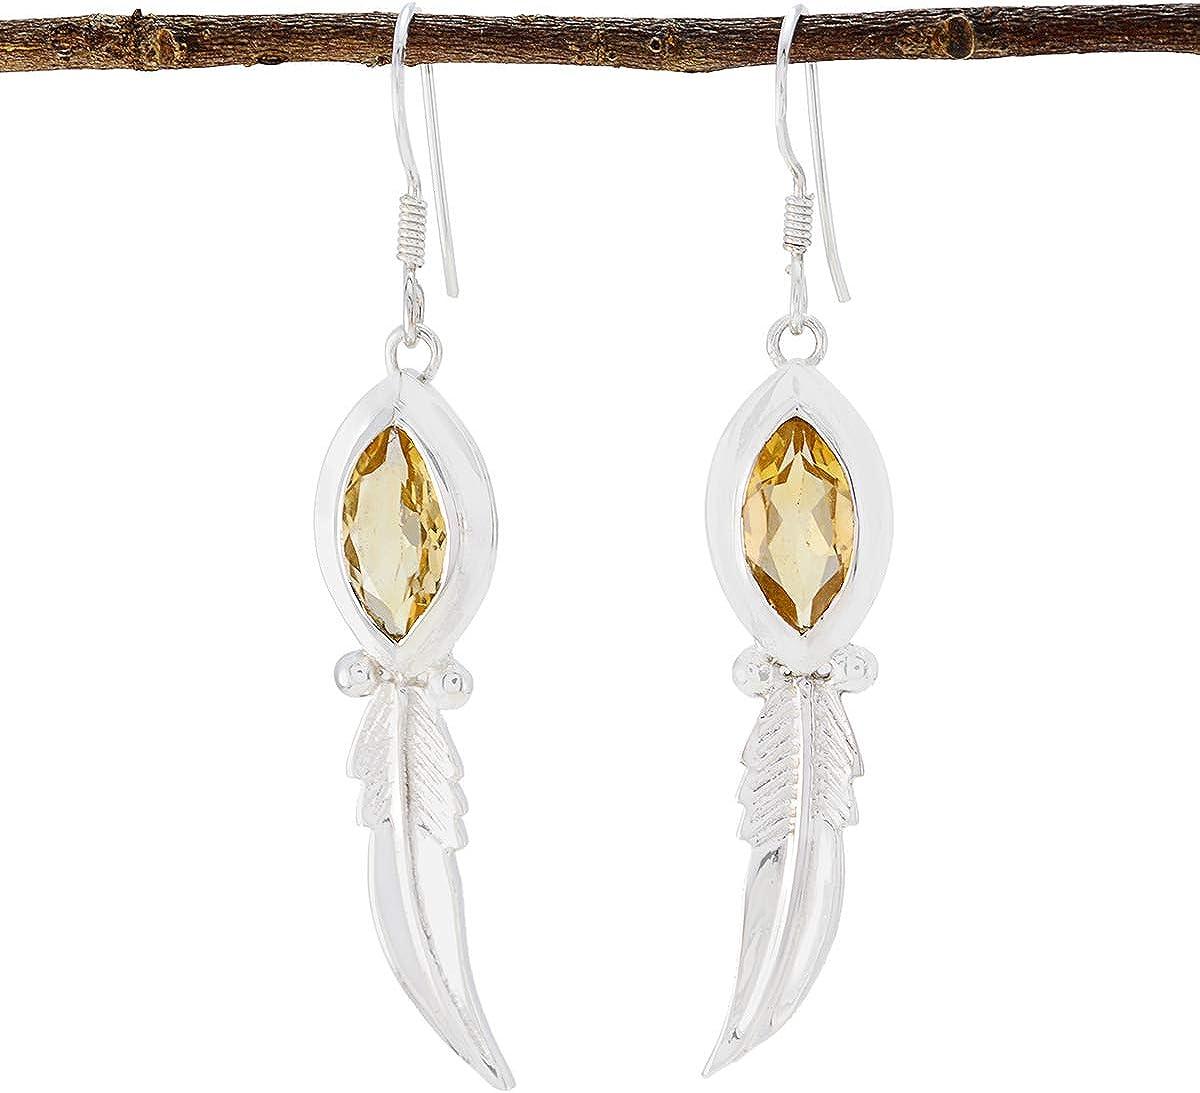 joyas plata citrino natural piedras preciosas con forma de marquesa pendiente exclusivo de plata esterlina facetado